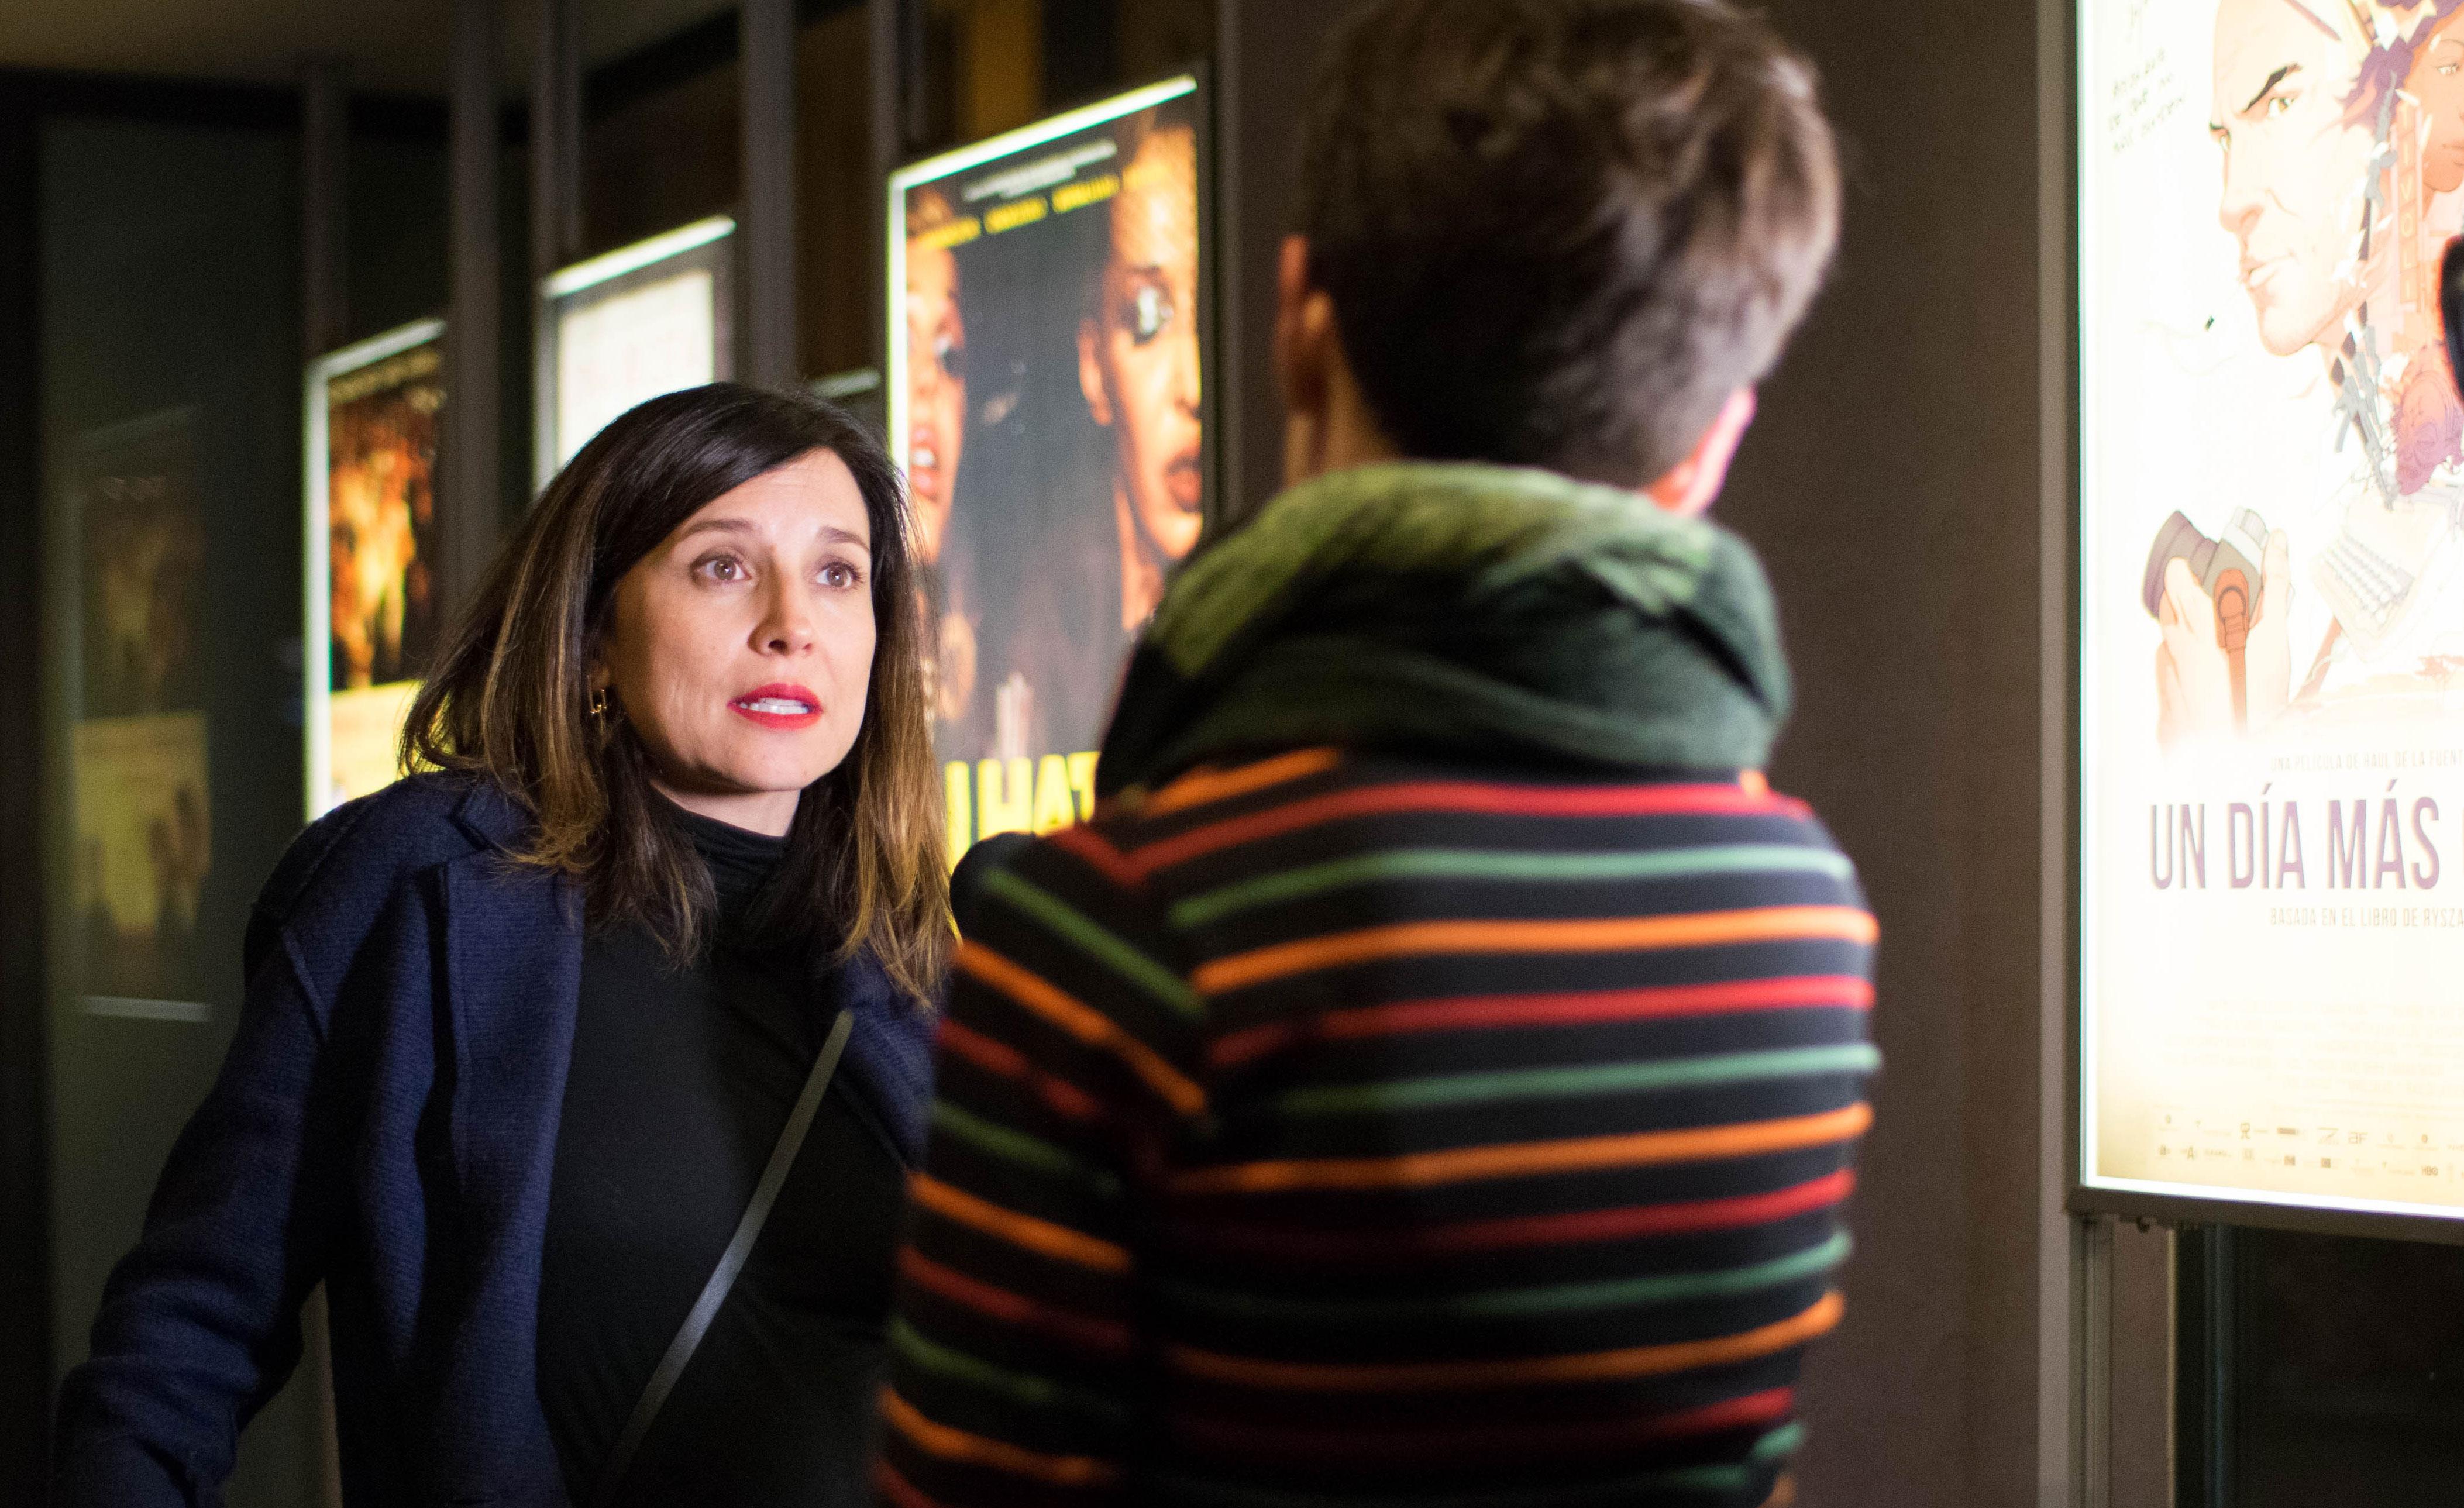 Cines Golem, Fariba Ehsan, Jafar Panahi, Activismo, Irán